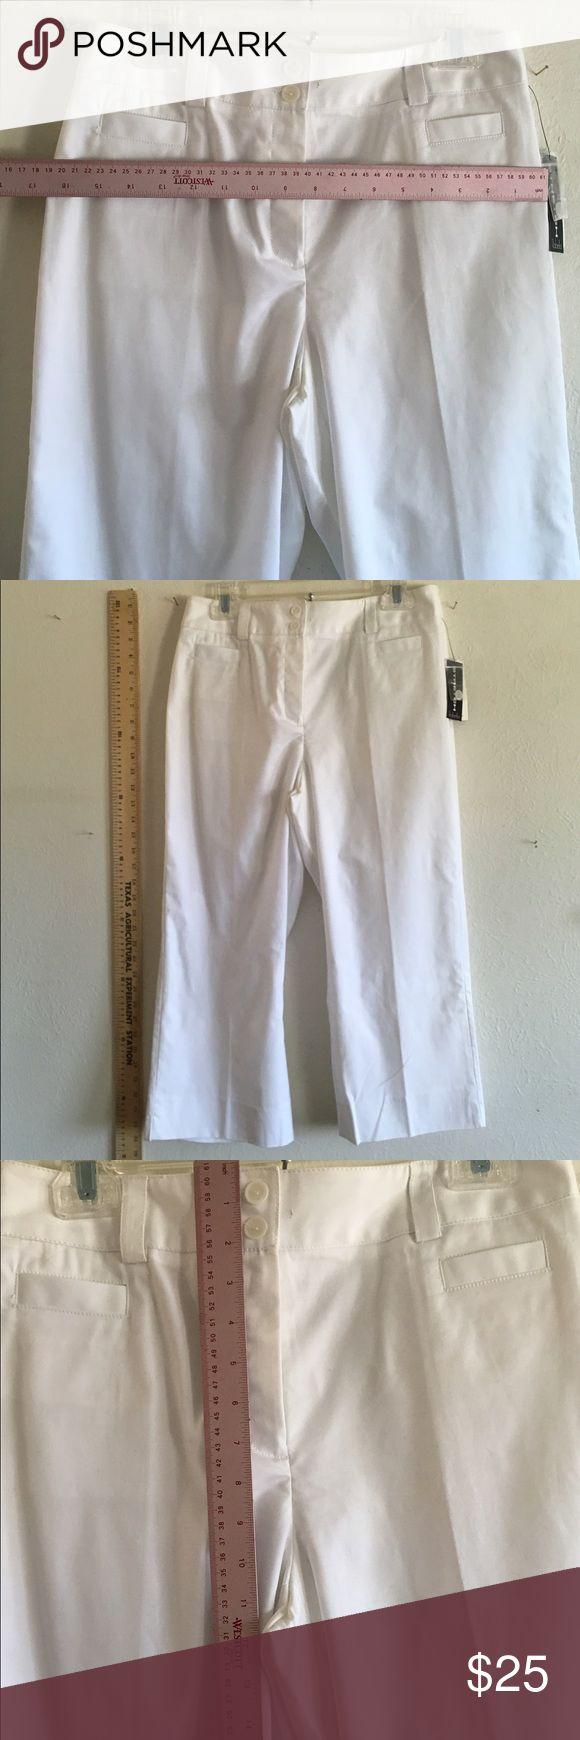 NWT white Capri pants 👖 10 Summer Fun New stretch Rafaella brand size 10 new white cotton Capri pants with a bit of stretch Rafaella Pants Capris